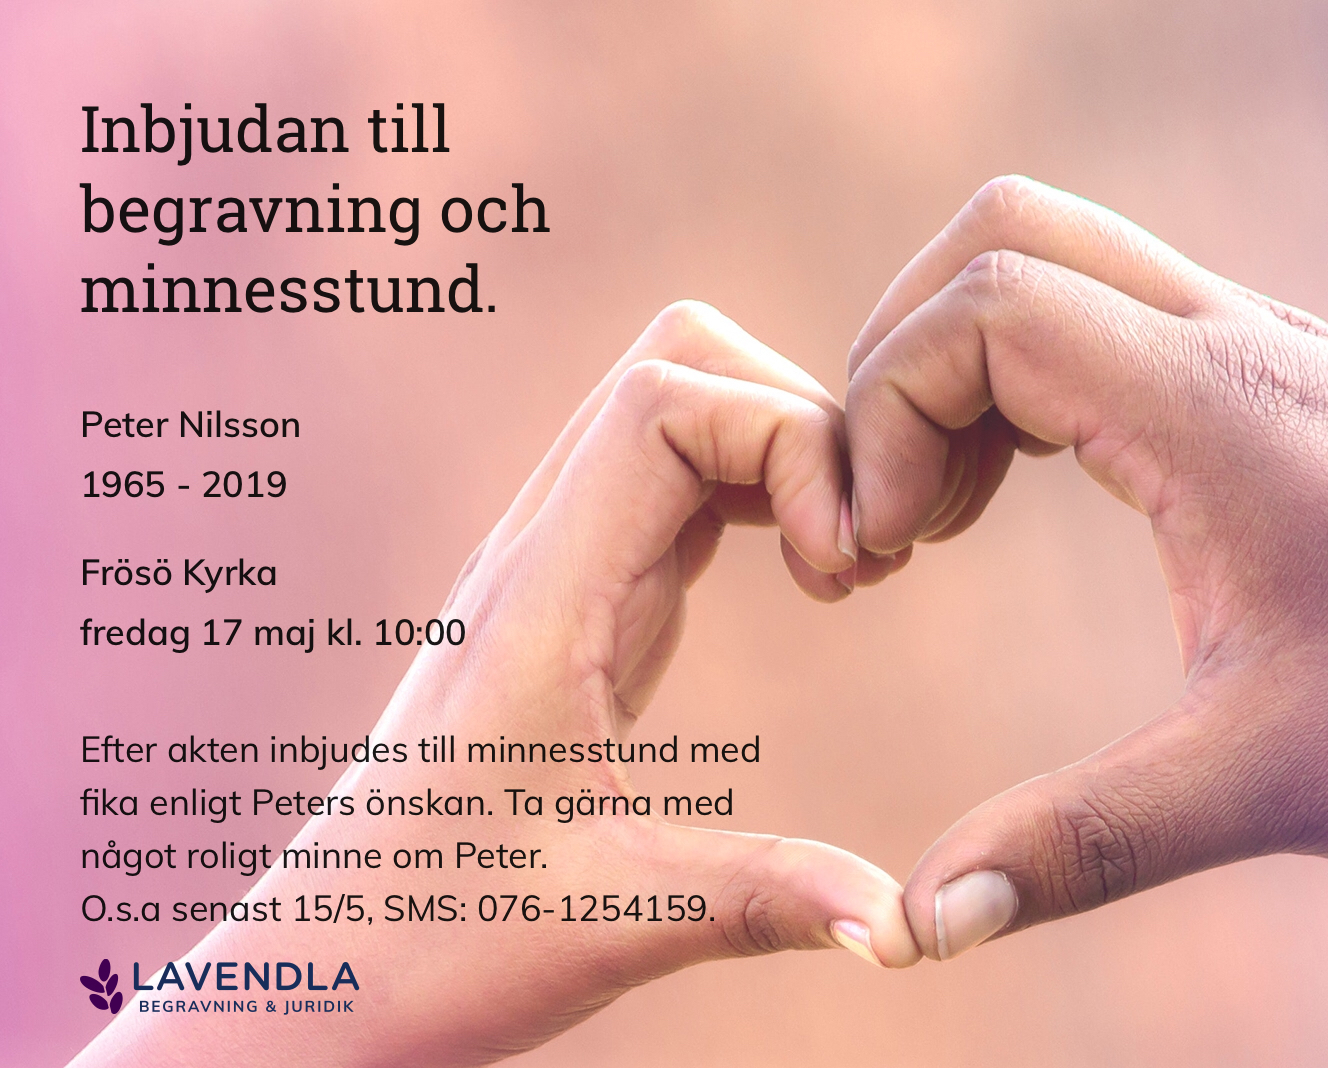 Inbjudningskort till ceremonin för Peter Nilsson